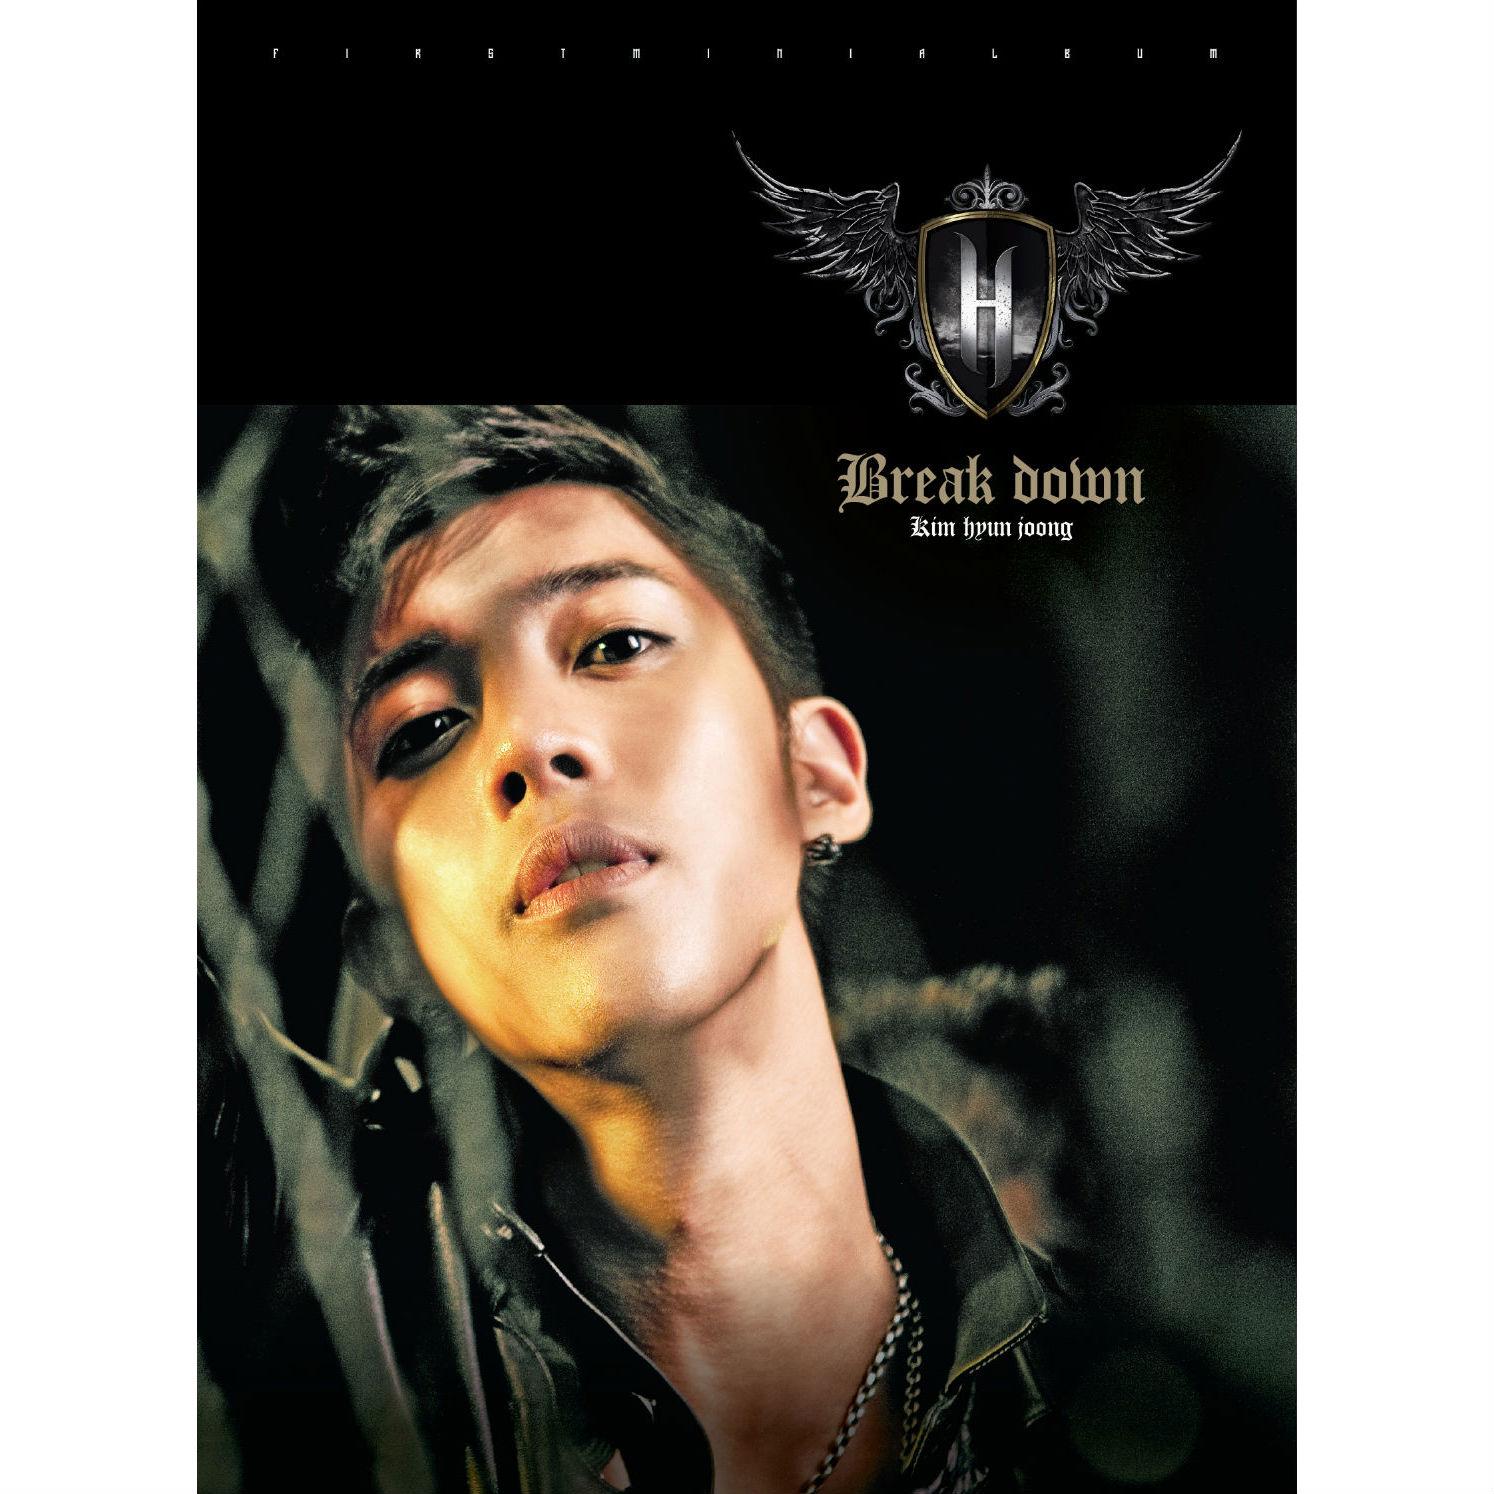 http://3.bp.blogspot.com/-yN5Qjcu7NsU/TfuZ-zdmxmI/AAAAAAAAABU/28CjoB6E-Q8/s1600/00-kim_hyun_joong-break_down-kr-2011-%2528cover%2529-vmp.jpg